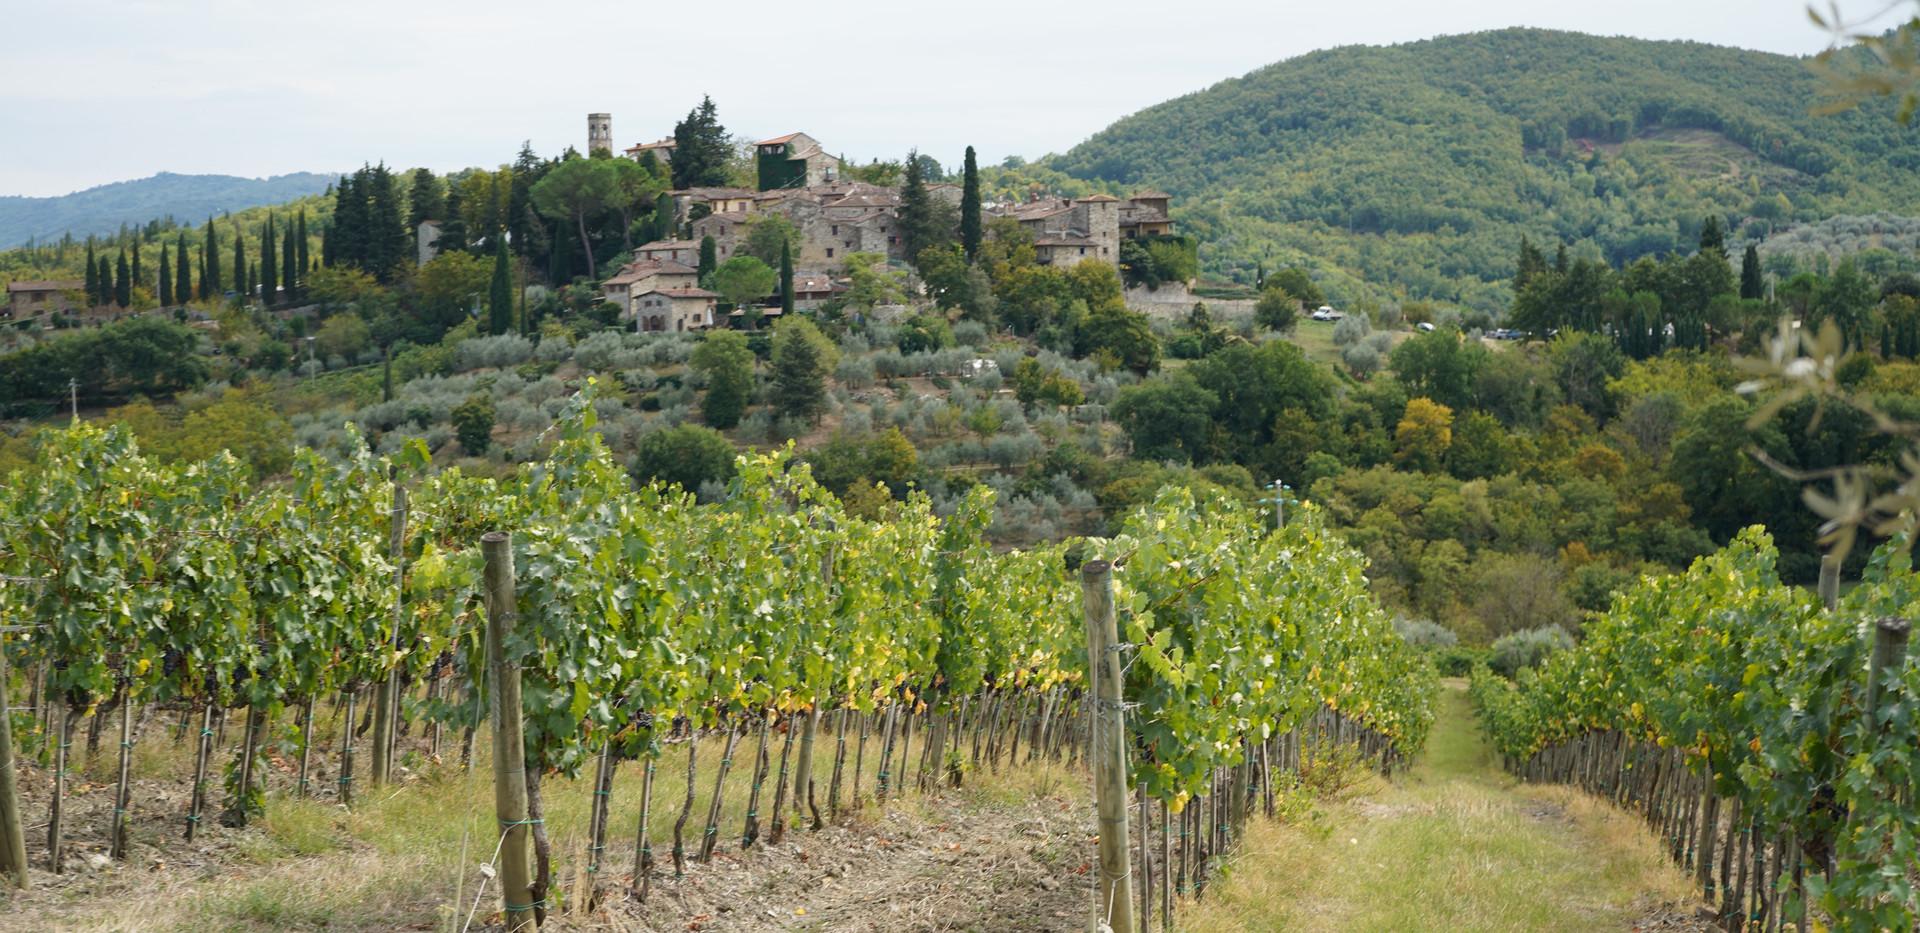 Full-day in Chianti Classico - Montefioralle